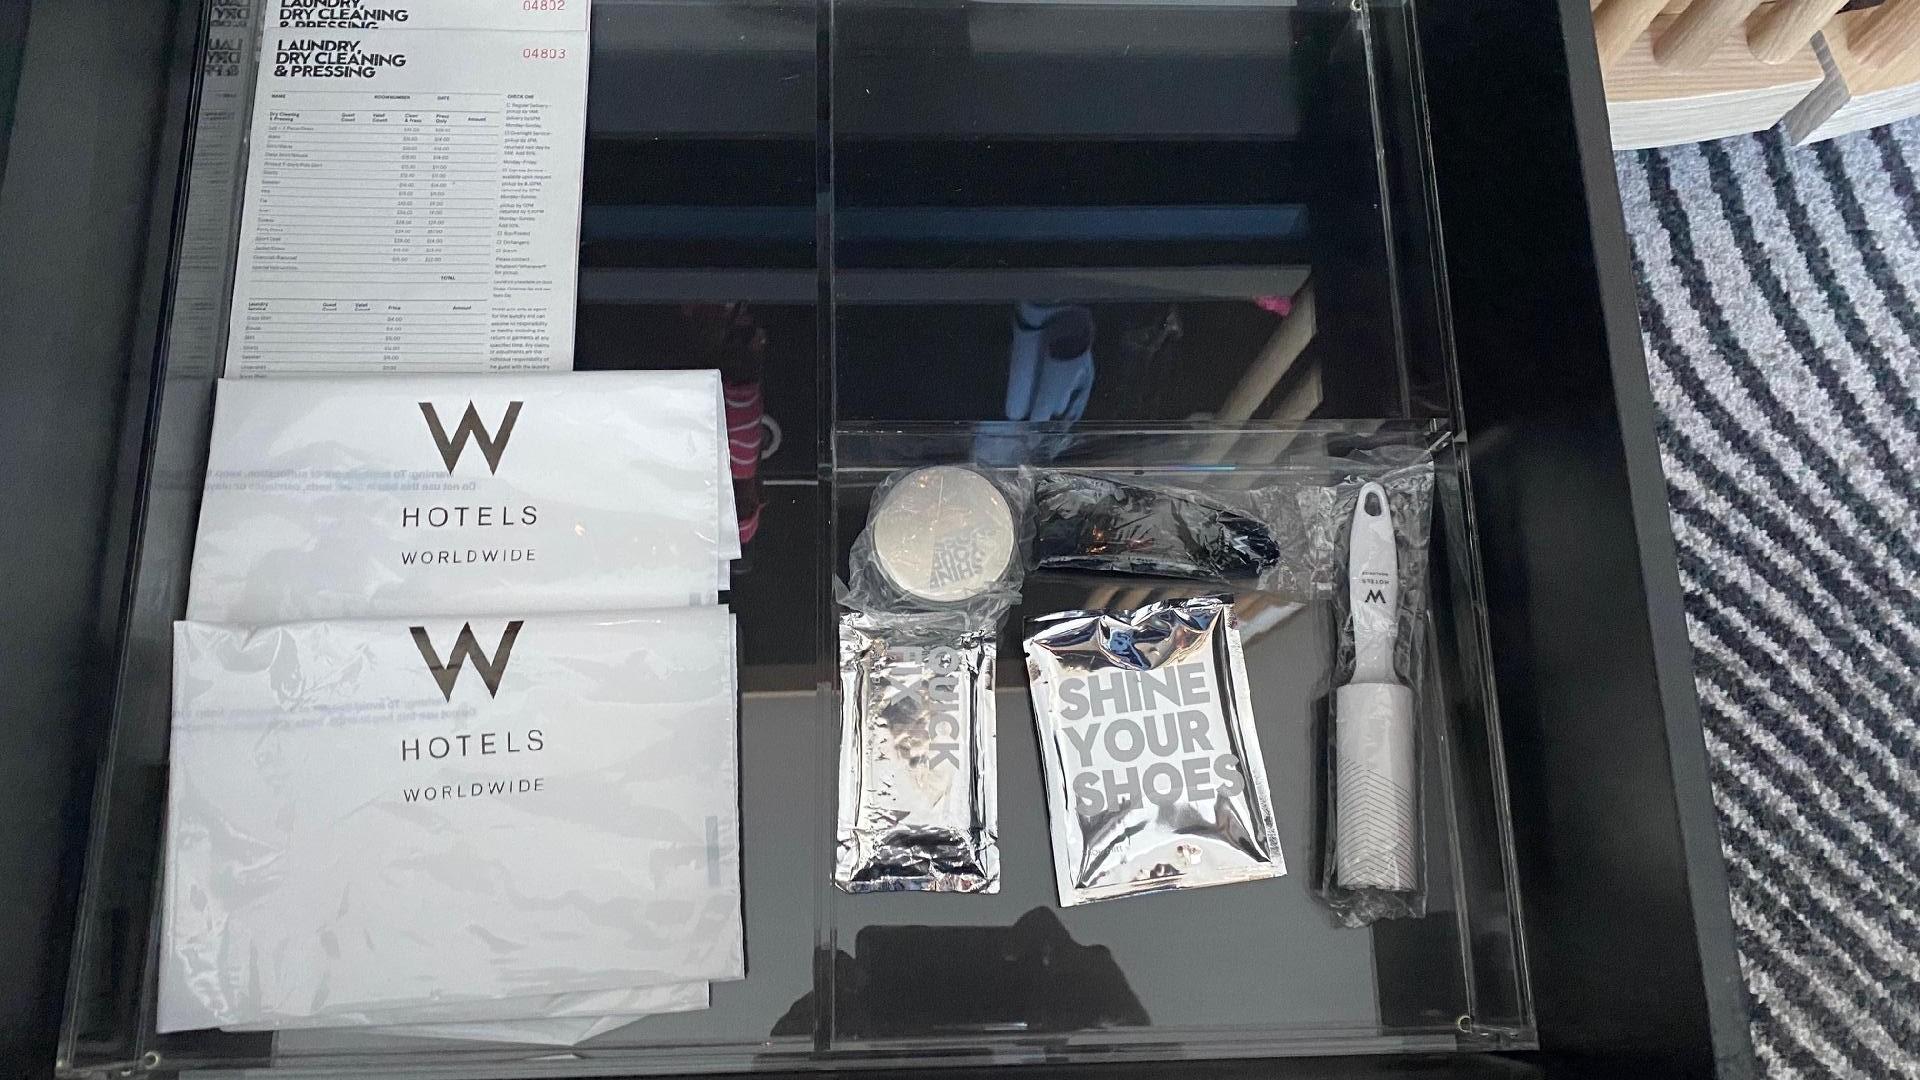 Shoe-shine kit & laundry bags, Fantastic Suite - W Brisbane